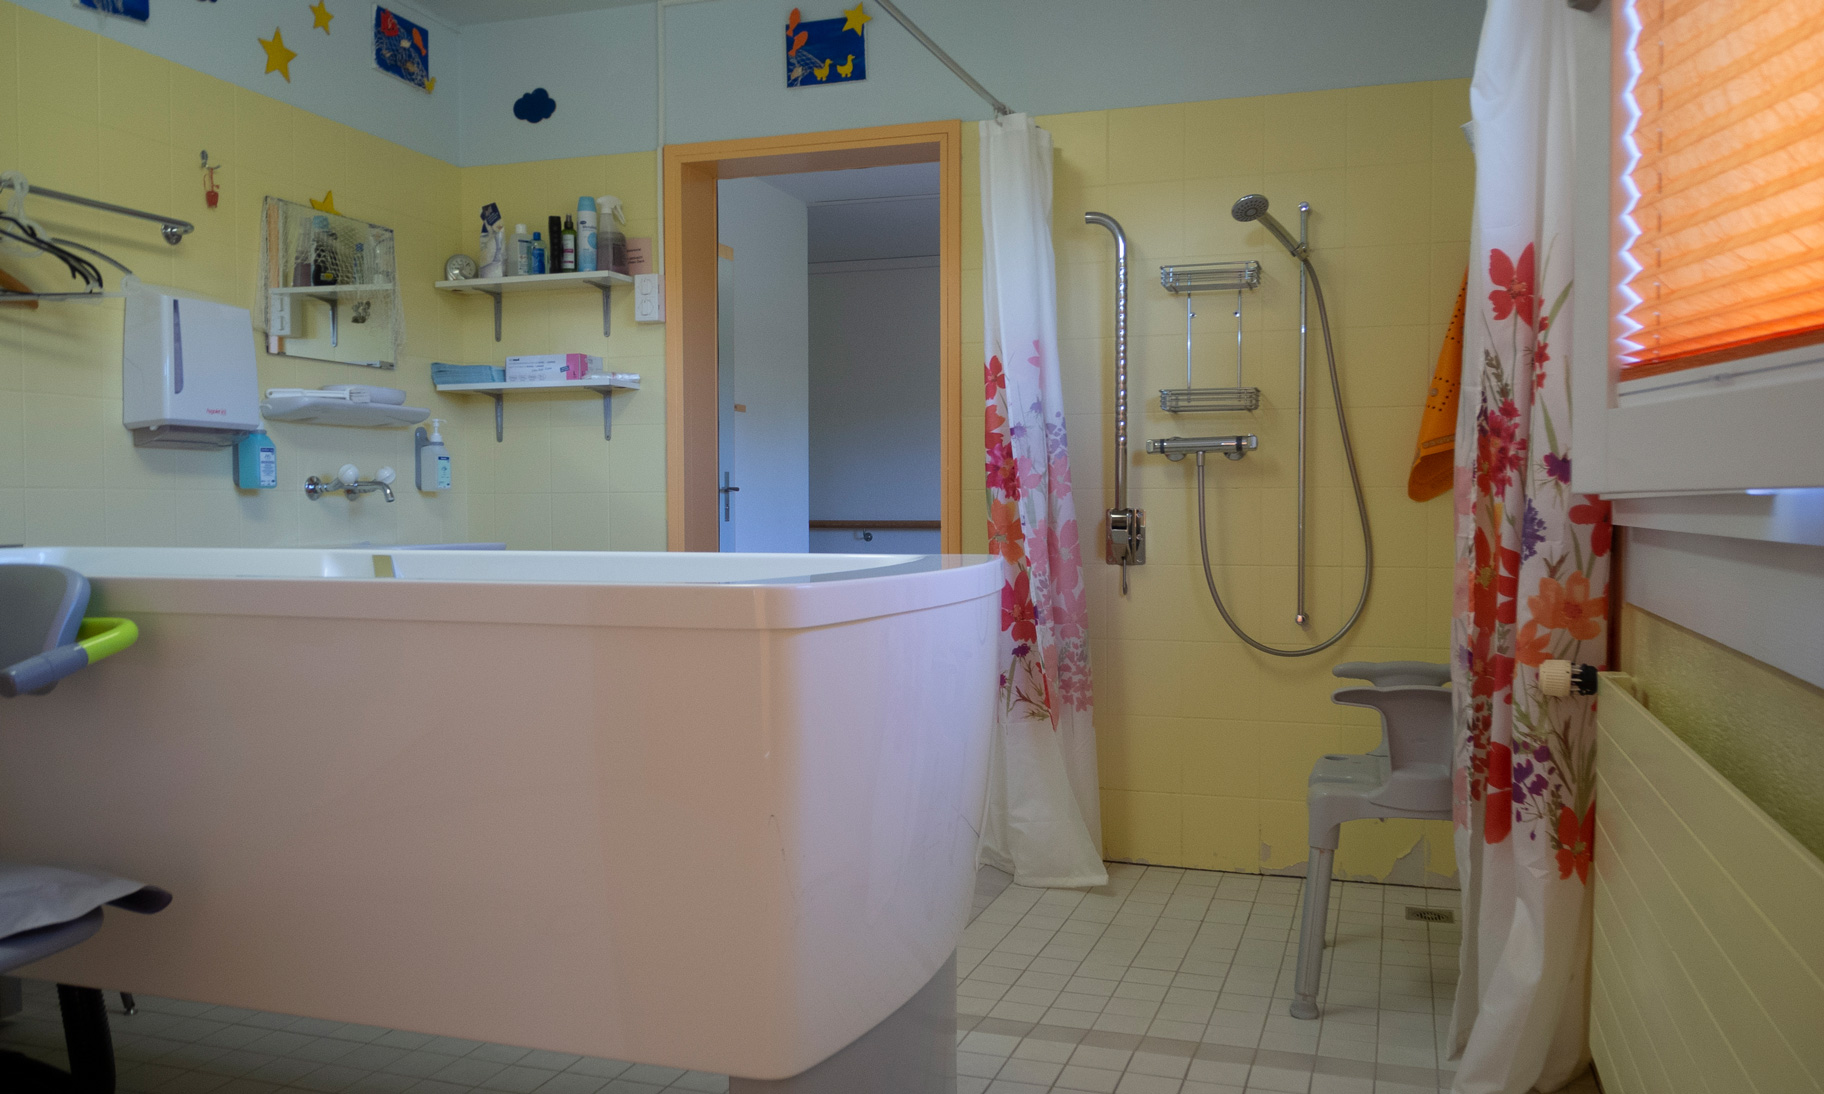 Foto des Bades vor dem Eingriff